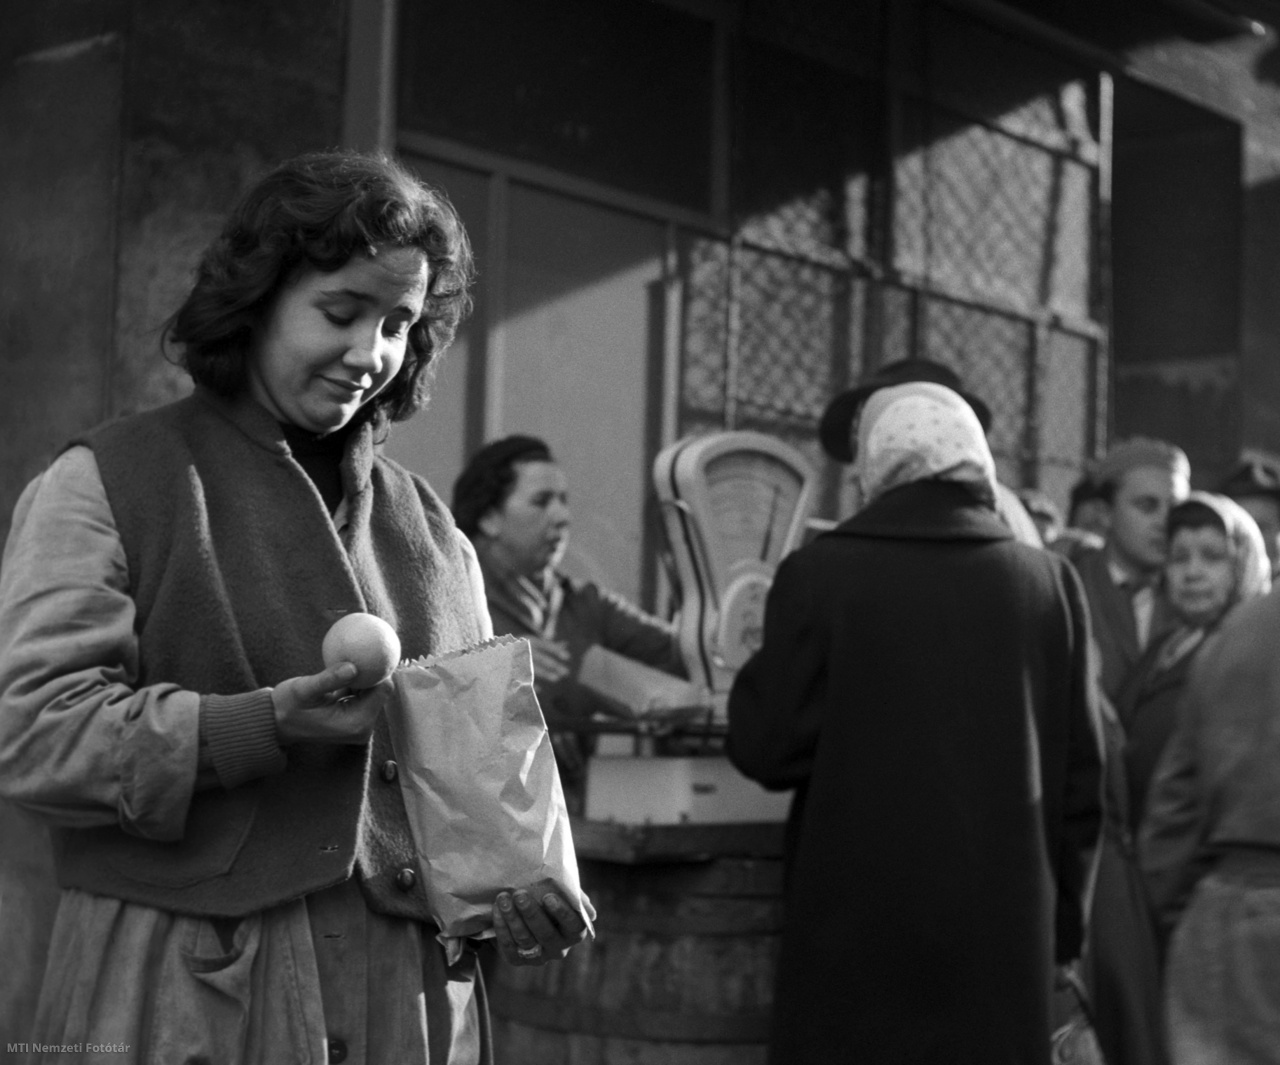 Import narancsért állnak sorban a vevők egy budapesti csarnok előtt 1957. december 10-én.